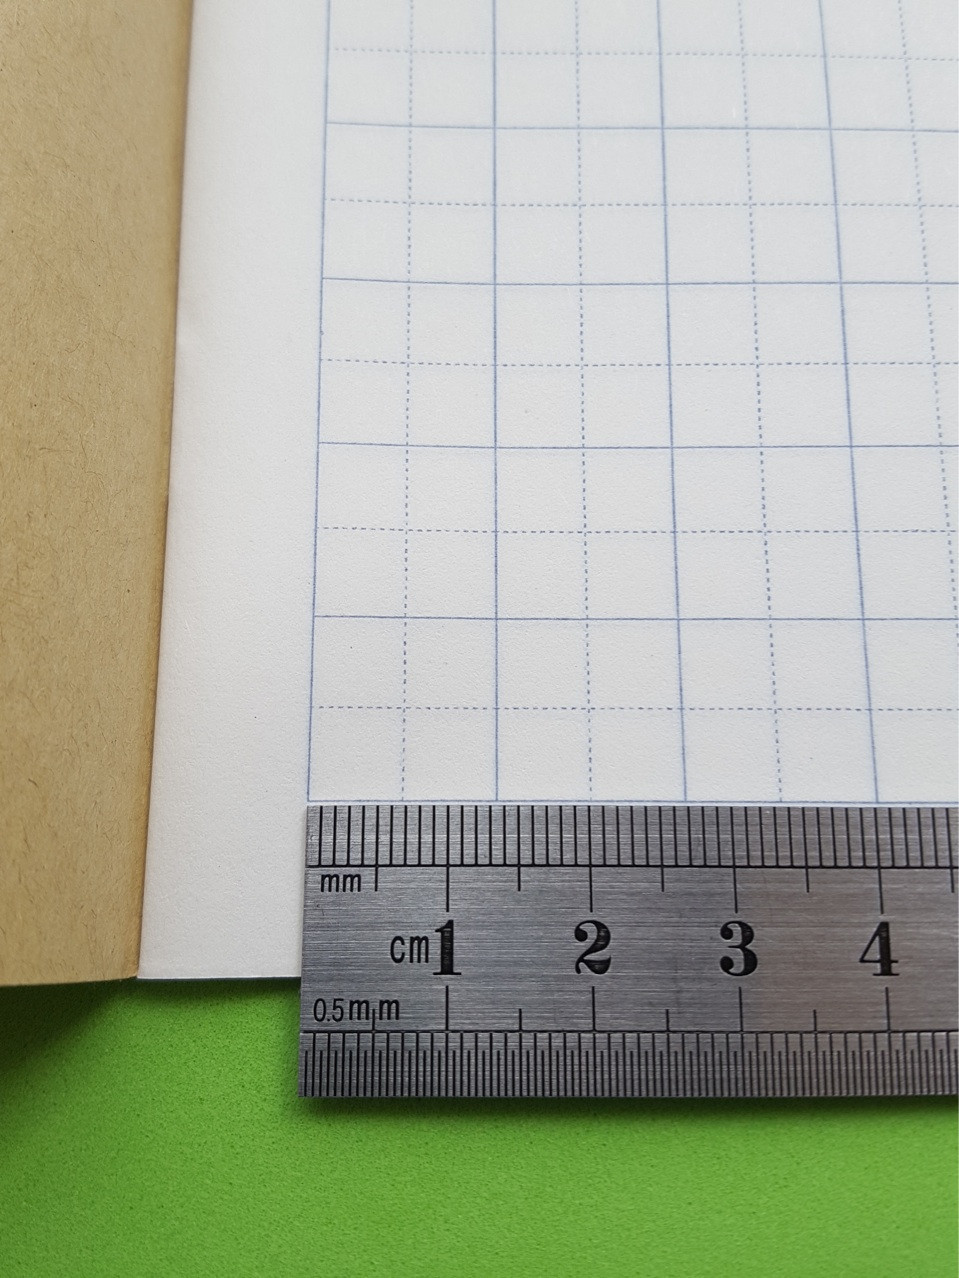 Тетрадь для написания иероглифов. Клетка 13,5 мм с пунктиром. 3024 клетки